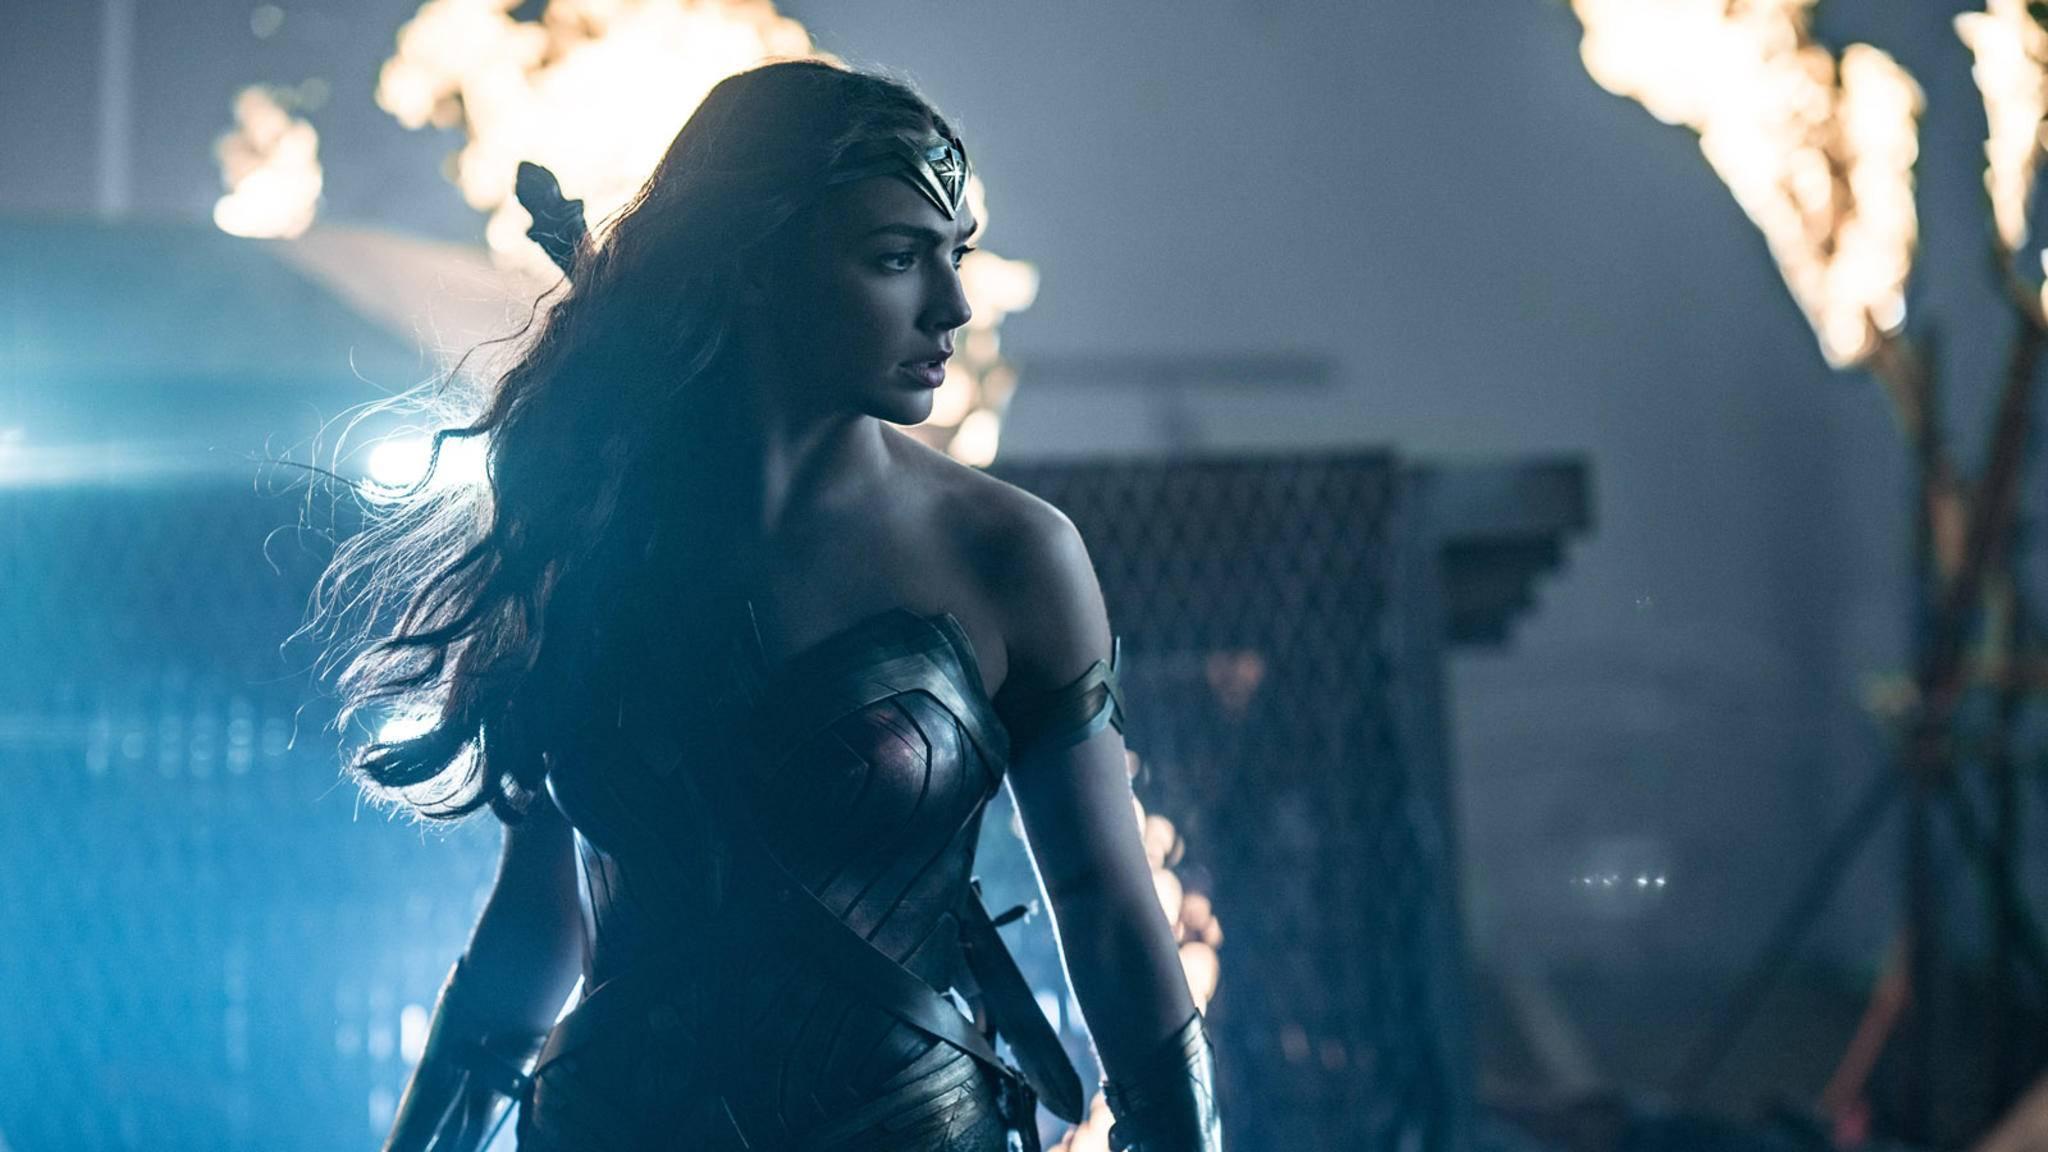 Wonder Woman kehrt erst 2019 auf die Leinwand zurück – aber einige Details zum Sequel kennen wir schon jetzt.